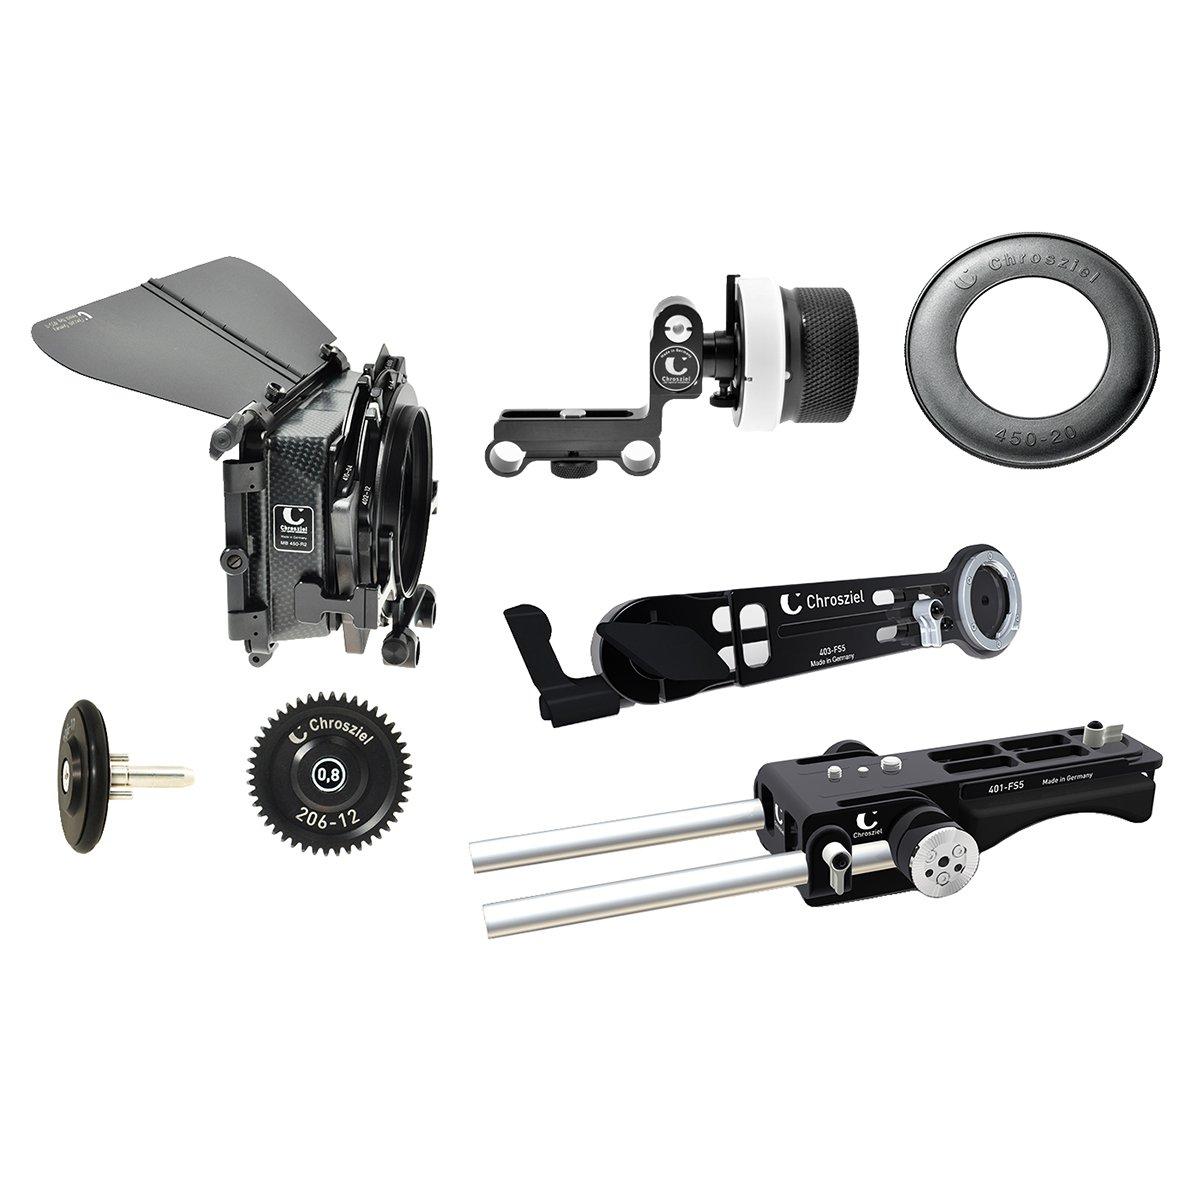 【国内正規品】Chrosziel クロジール Kit for Sony PXW-FS5 FS5-450R2EXT-KITFF   B07587VR8K